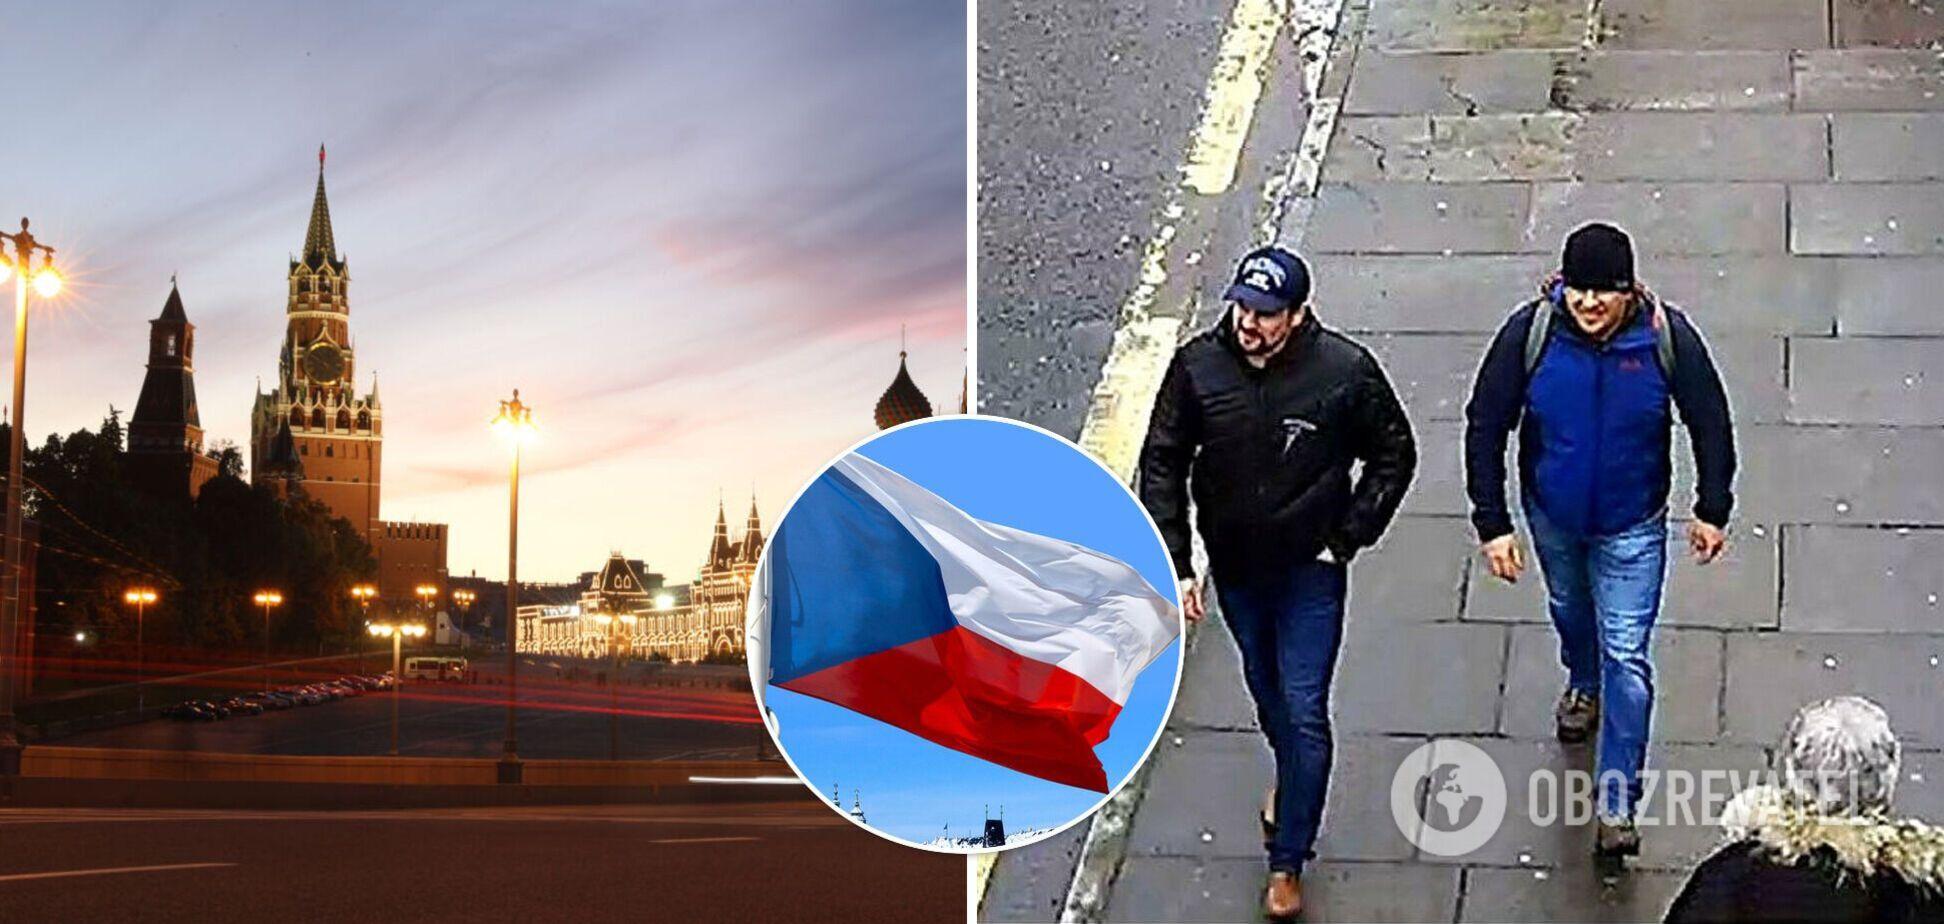 Чехия мощно ударила по Кремлю: дальше последует 'эффект домино'